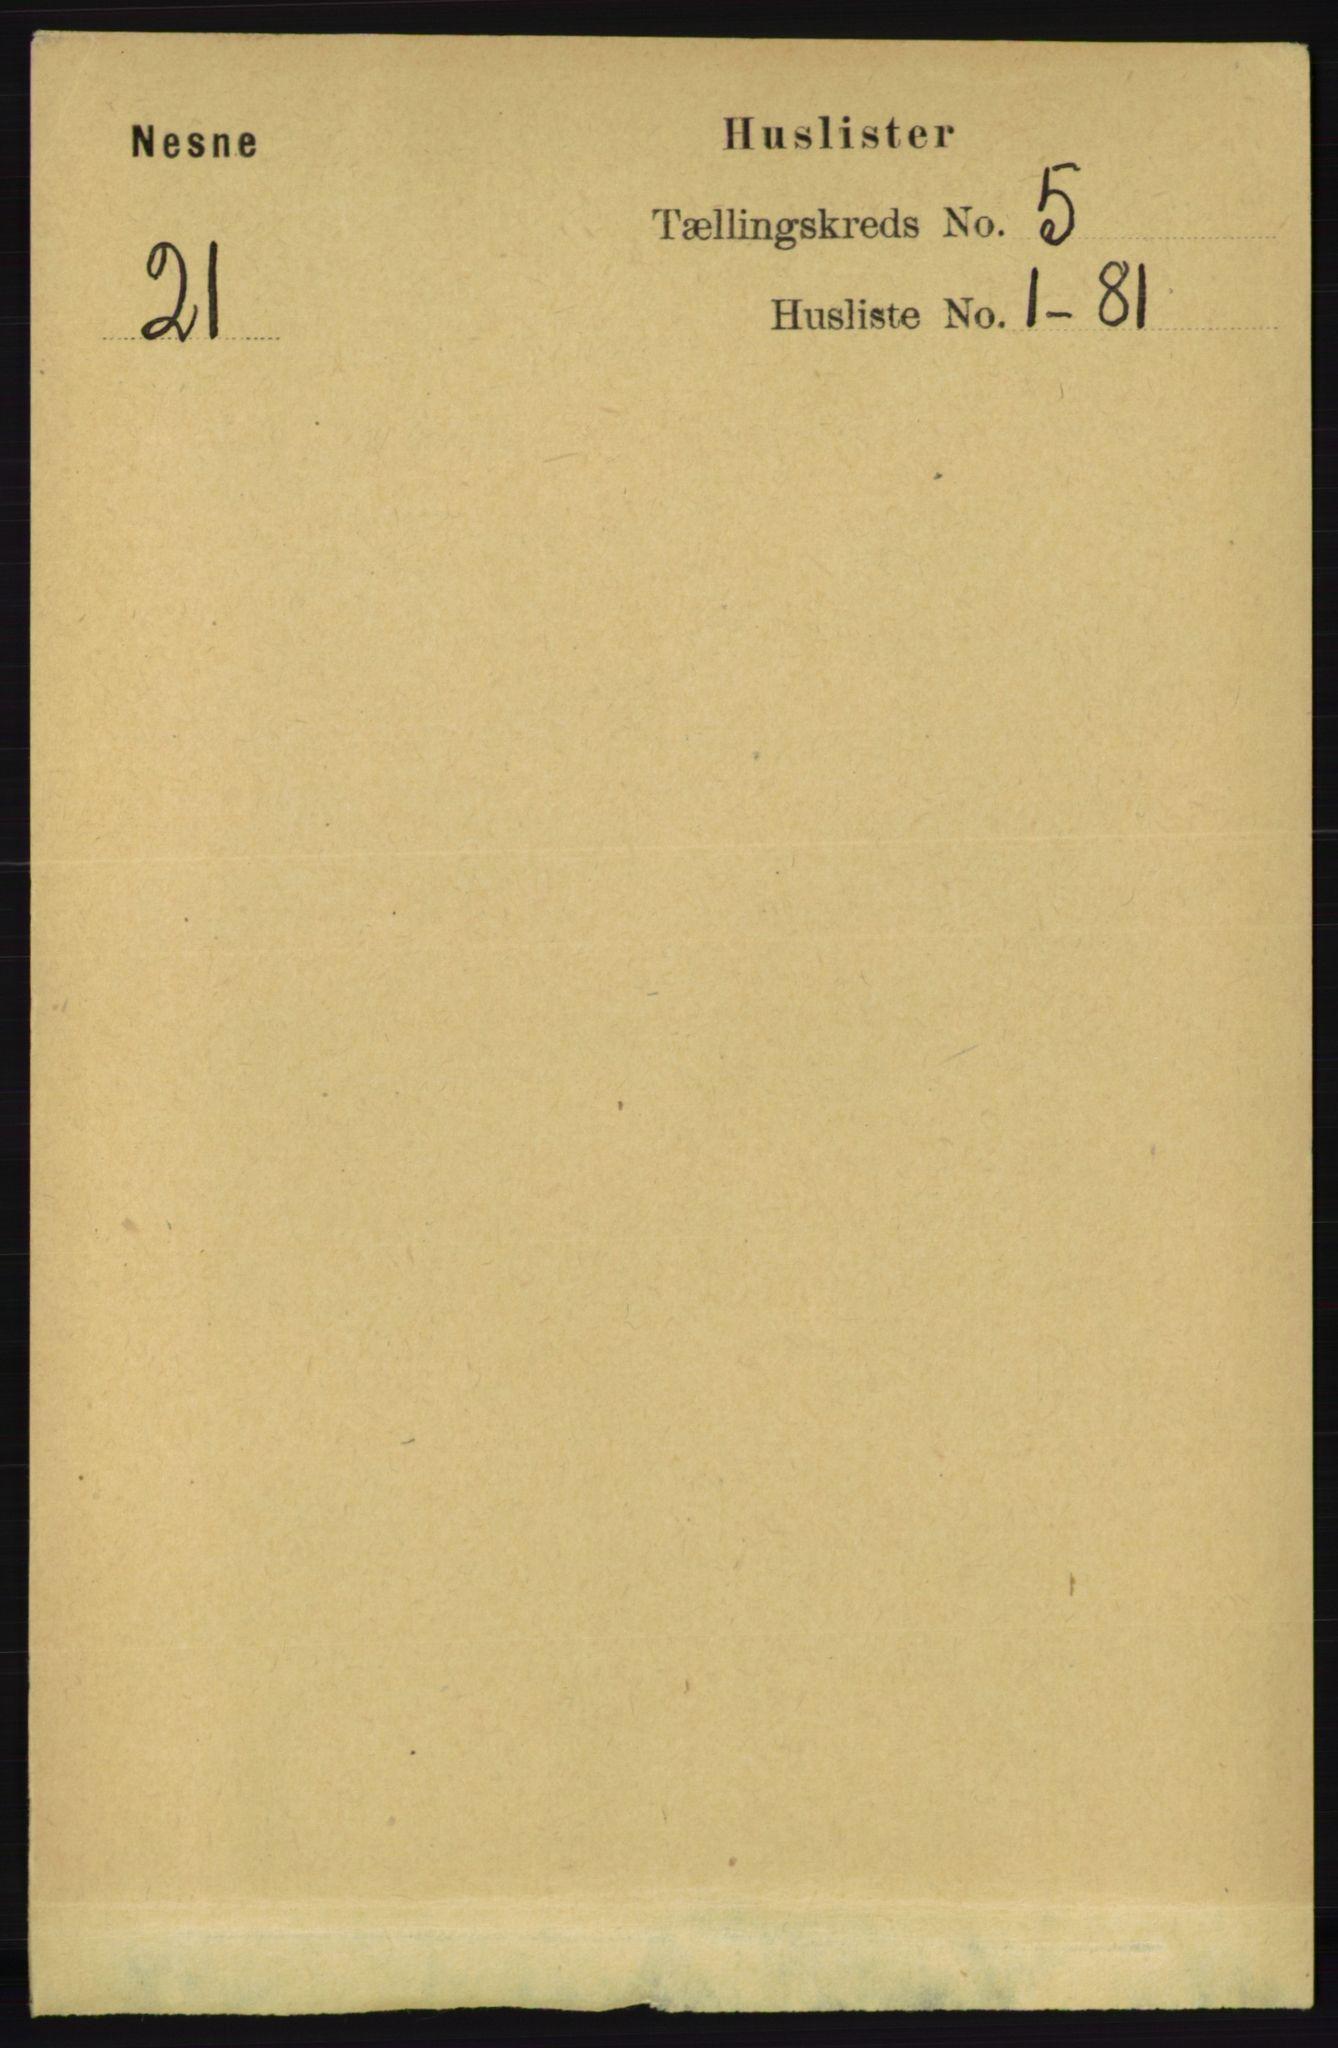 RA, Folketelling 1891 for 1828 Nesna herred, 1891, s. 2696